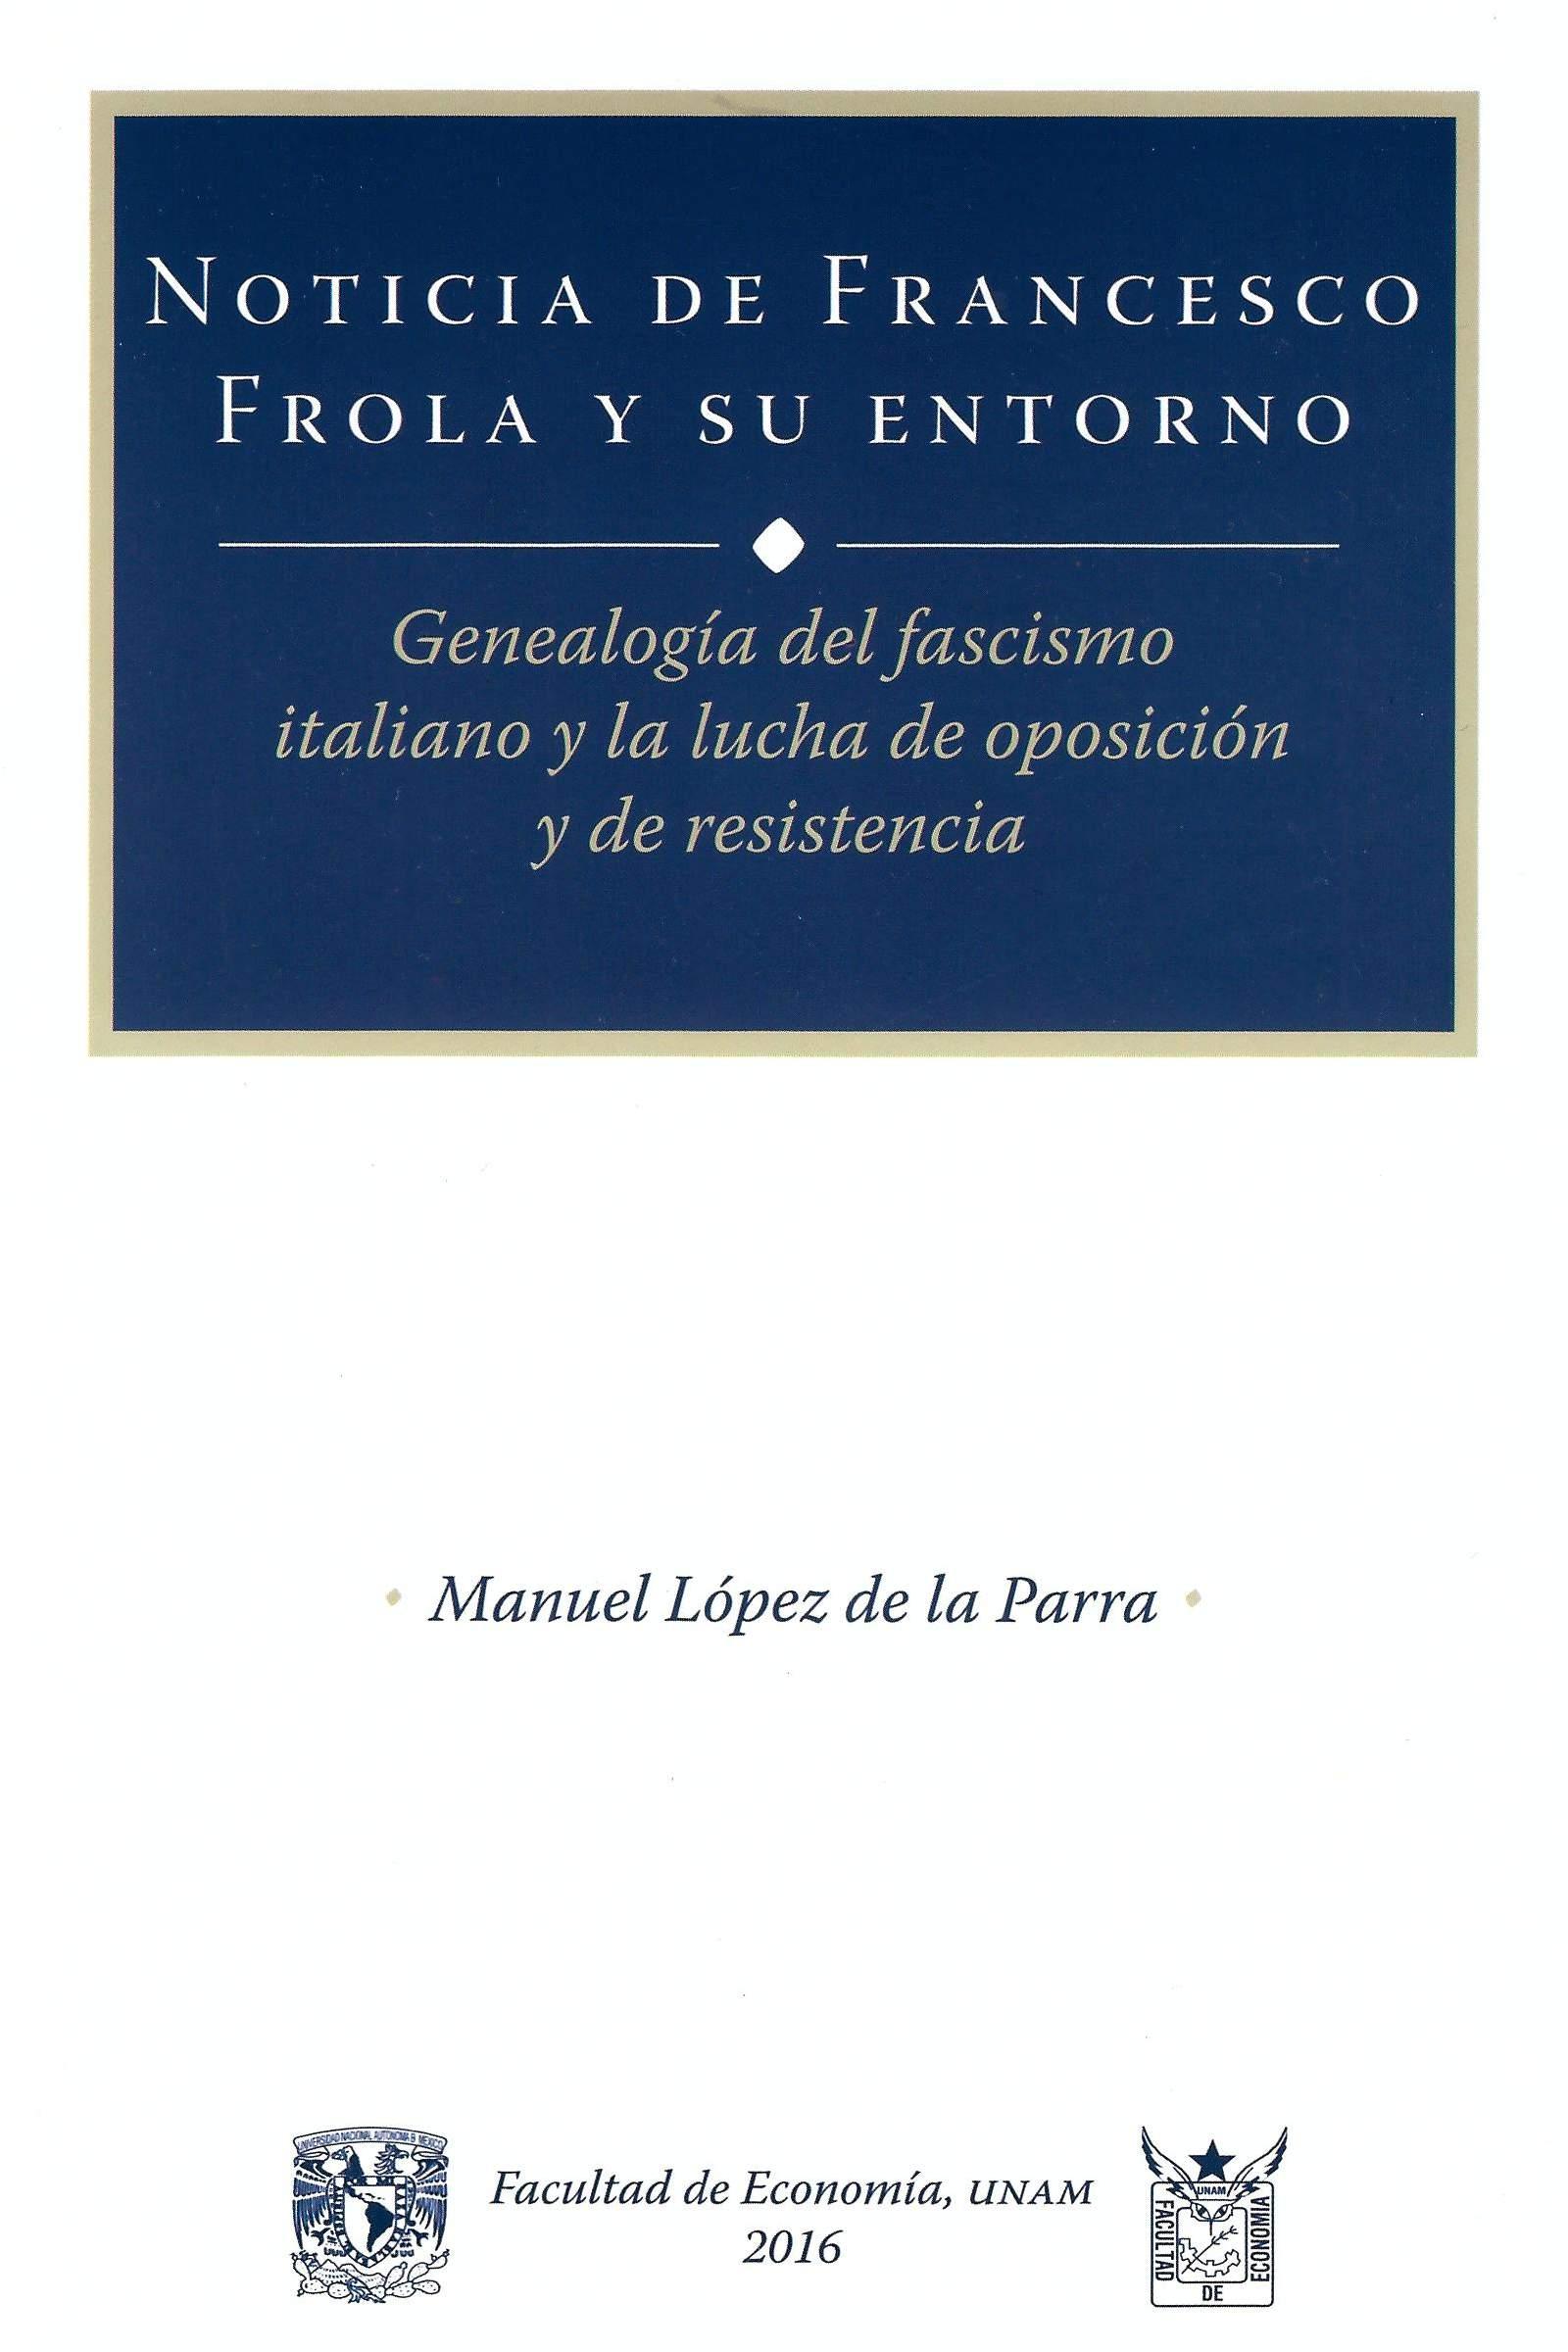 Noticia de Francesco Frola y su entorno